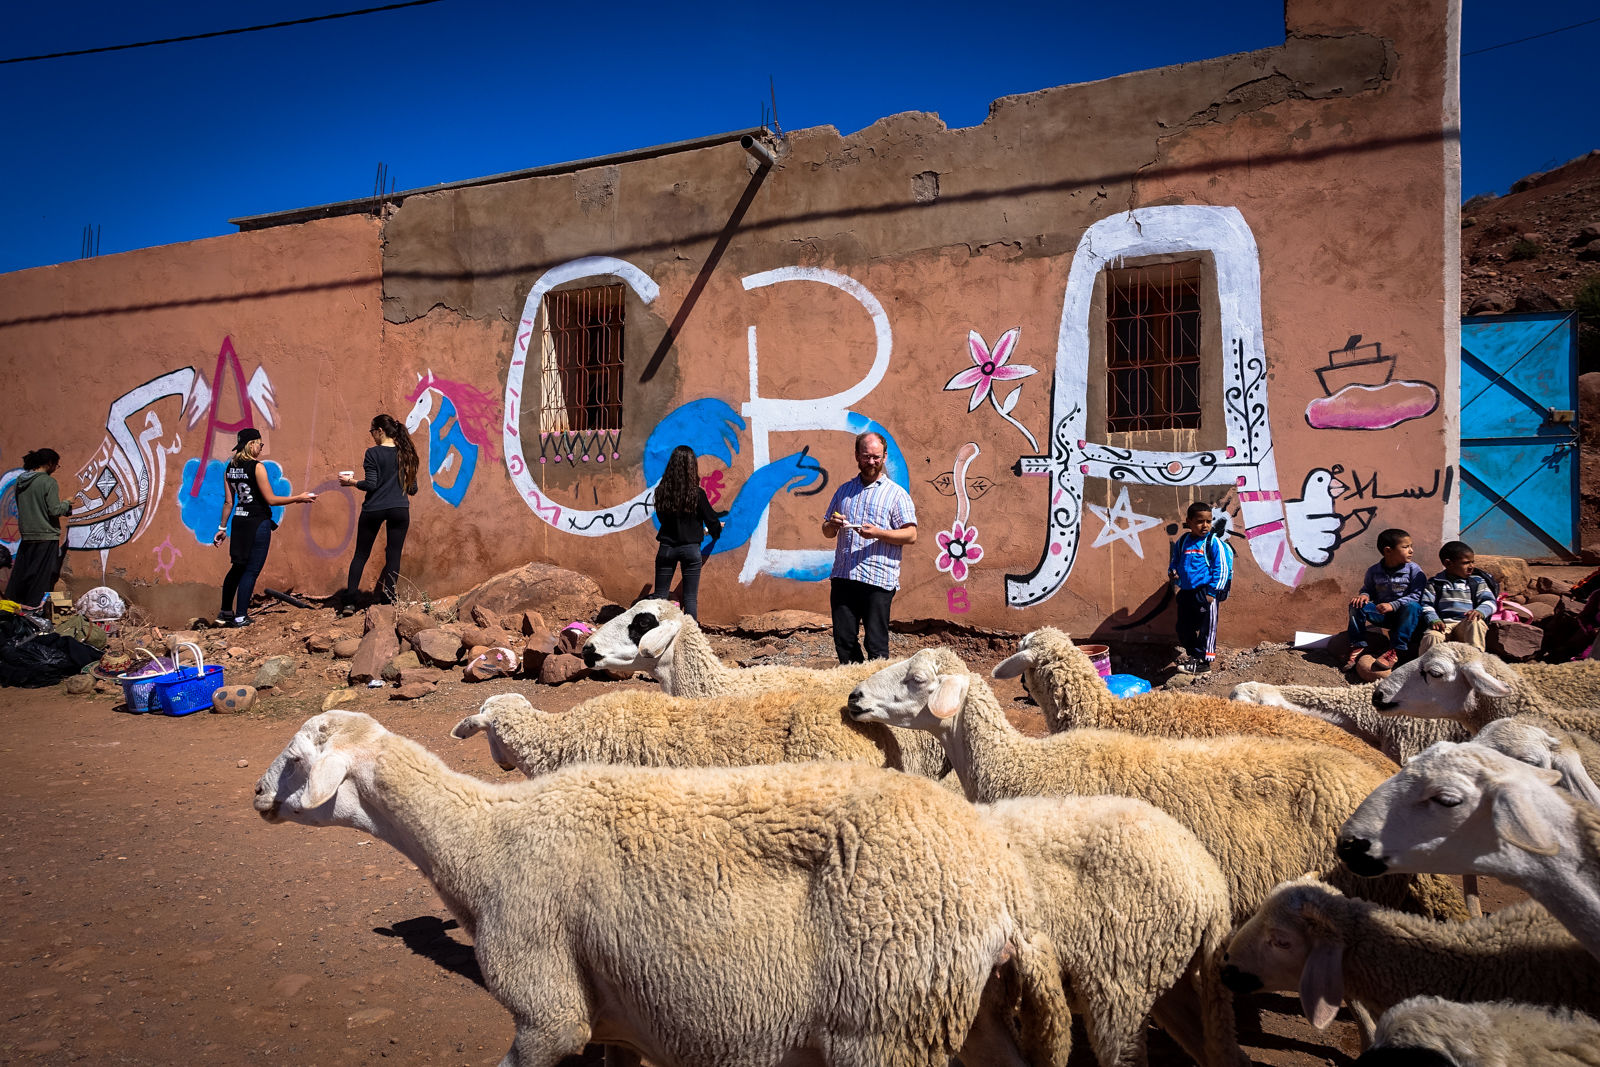 MB6 street artists paint abury foundation village school in atlasmountains